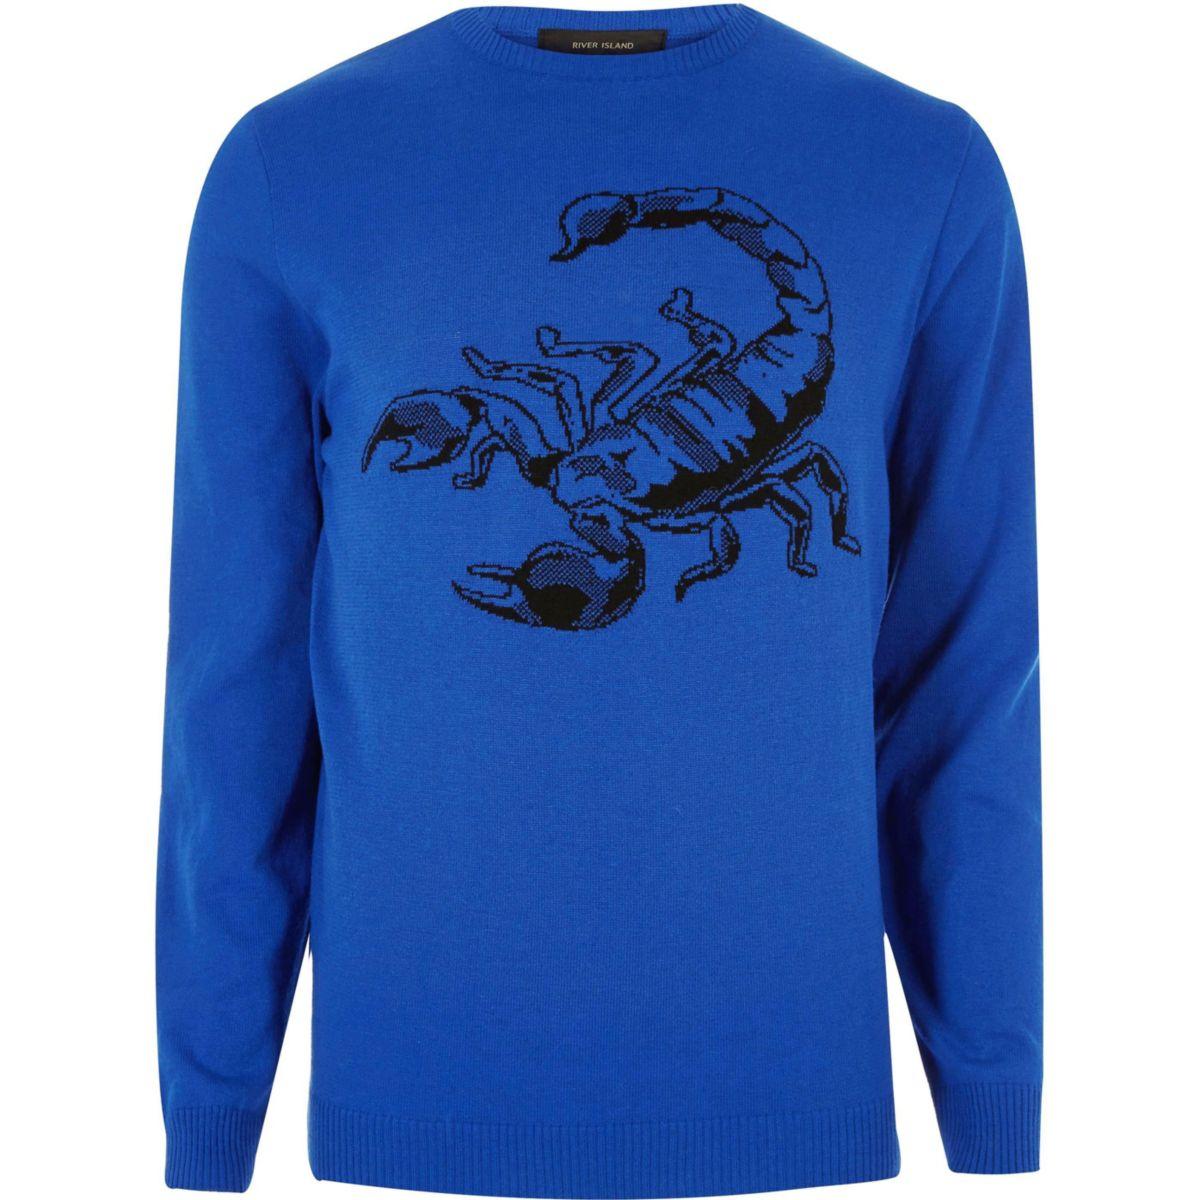 Big and Tall blue knit scorpion jumper